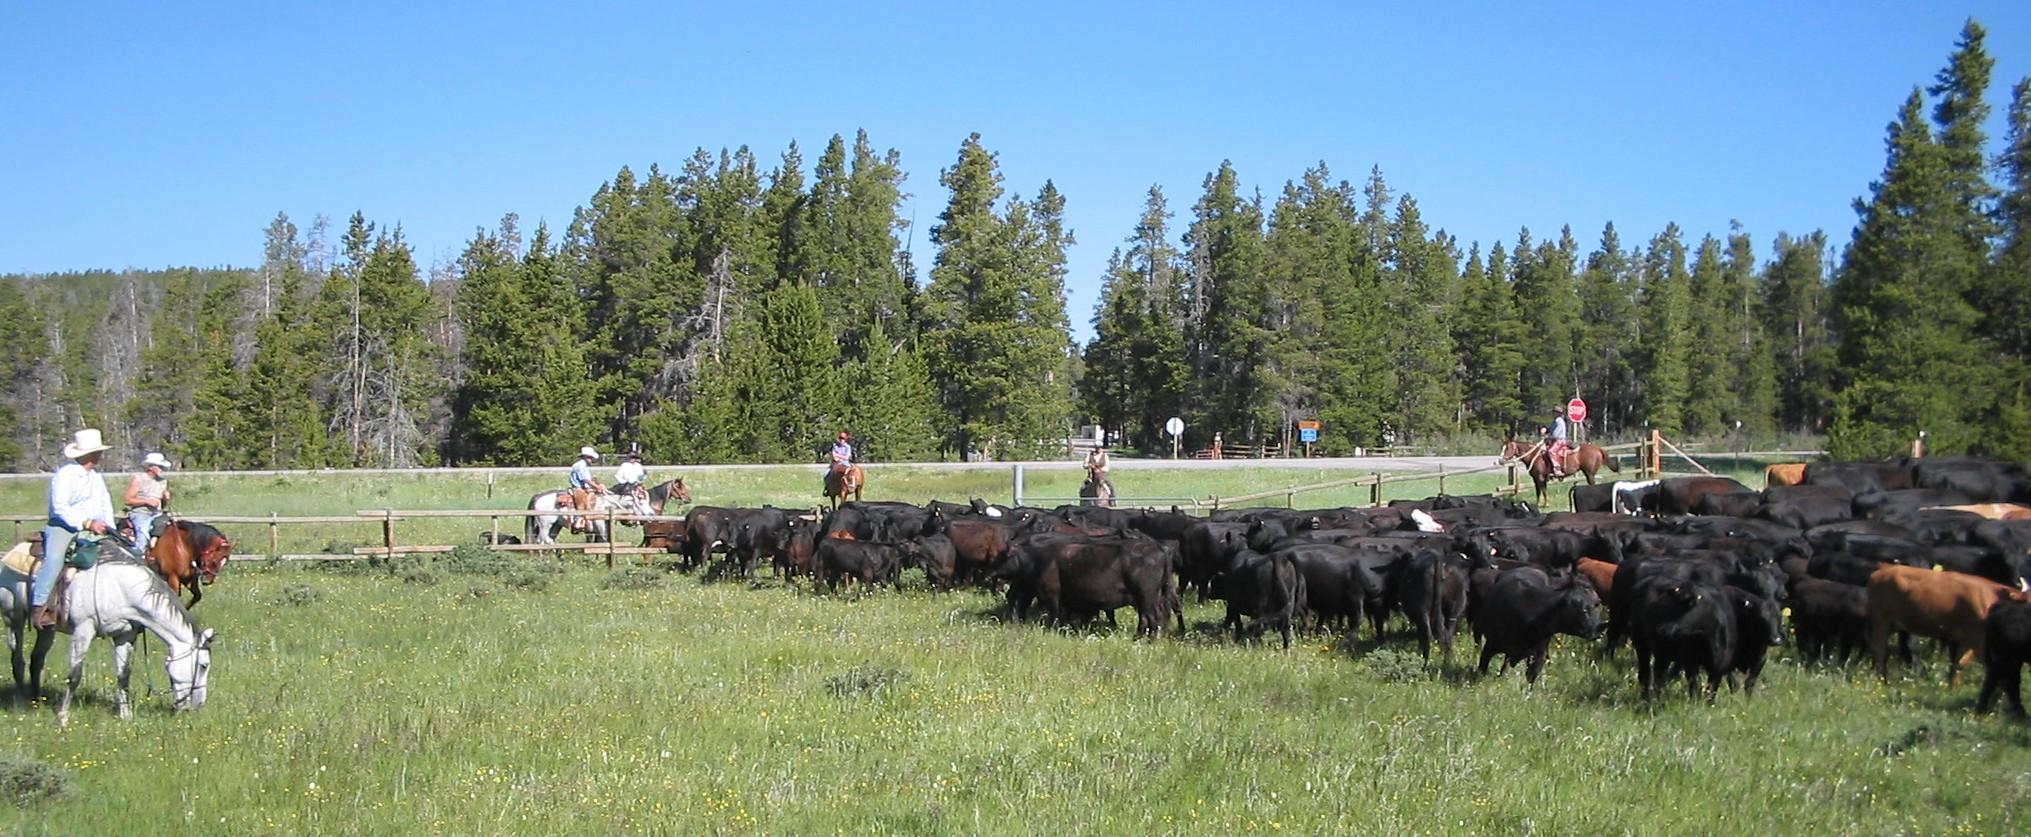 Wyoming 004.jpg